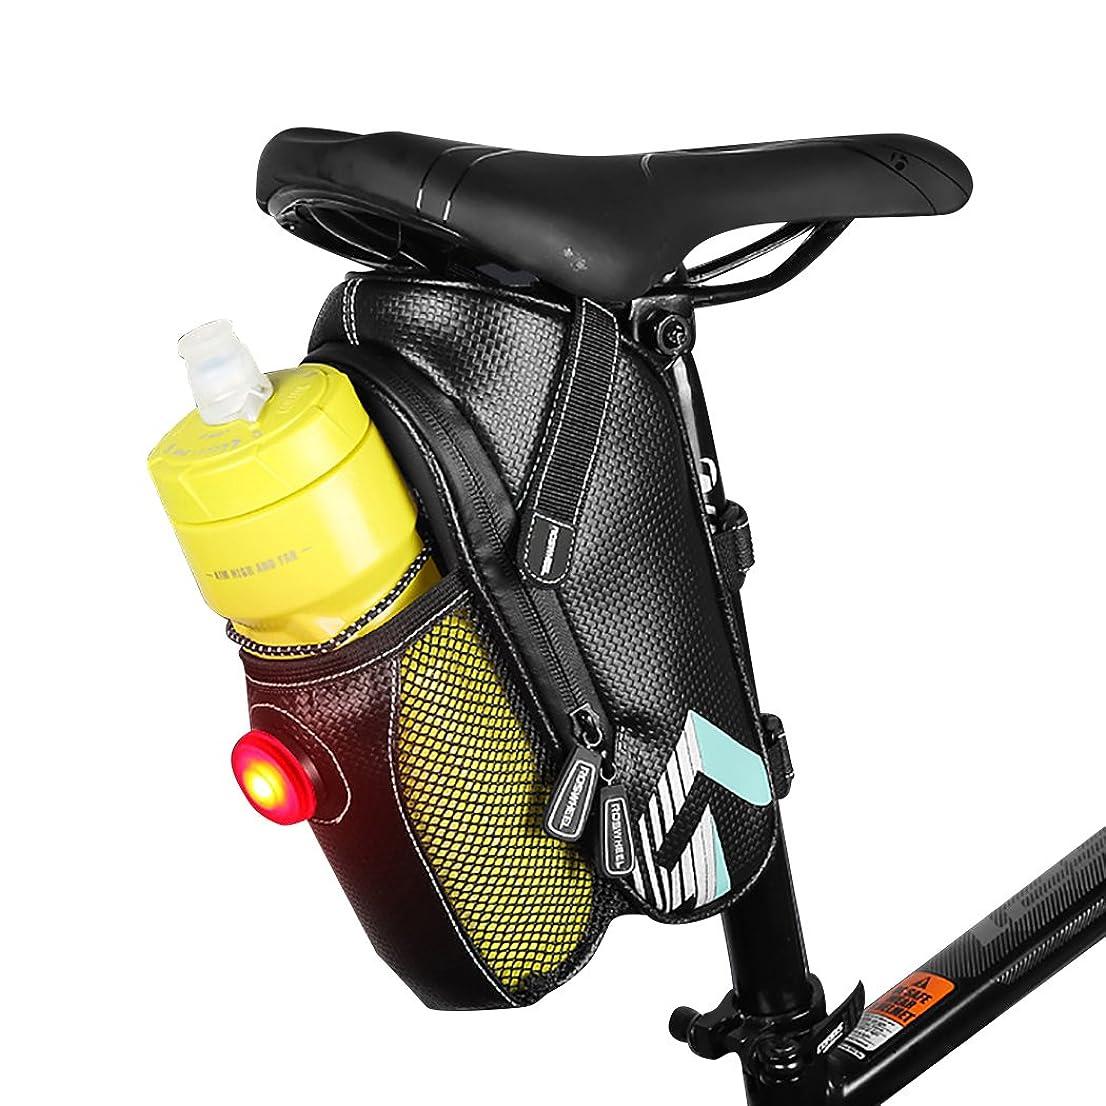 殺人者致死政府fansportバイクシートバッグ自転車ボトルバッグ防水ポータブルマウンテンバイクバッグwith LEDライト